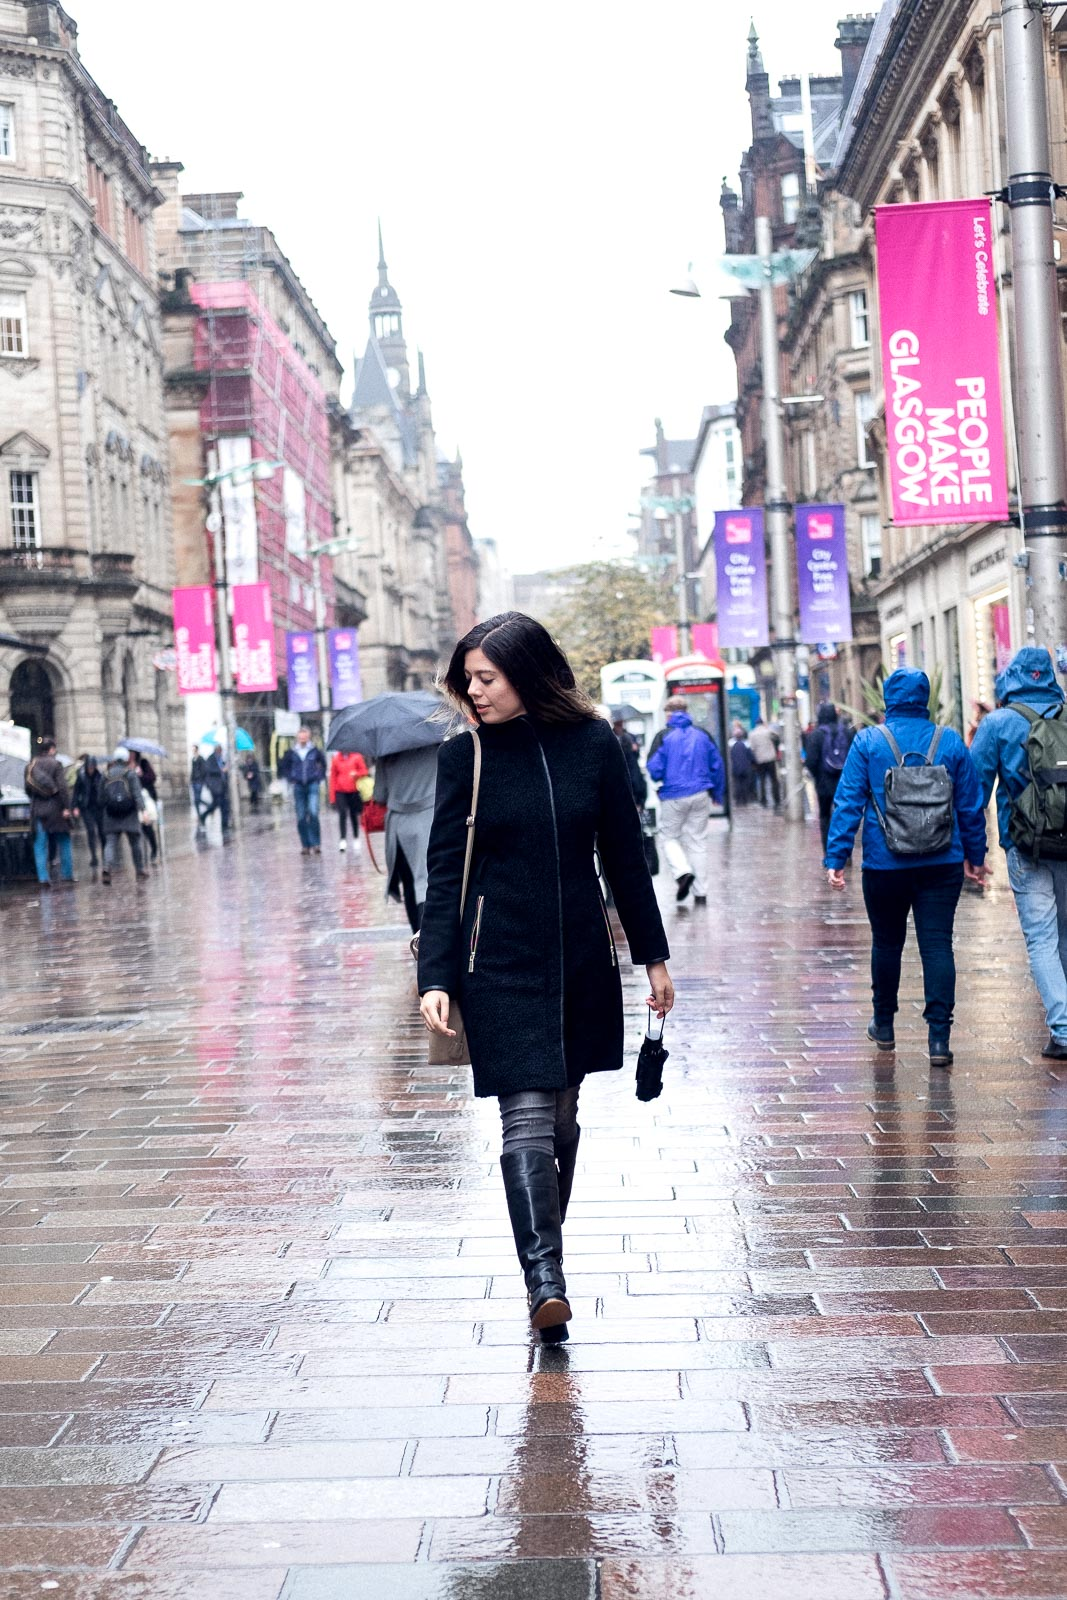 City Guide: Off Duty in Glasgow - Buchanan Street Walking